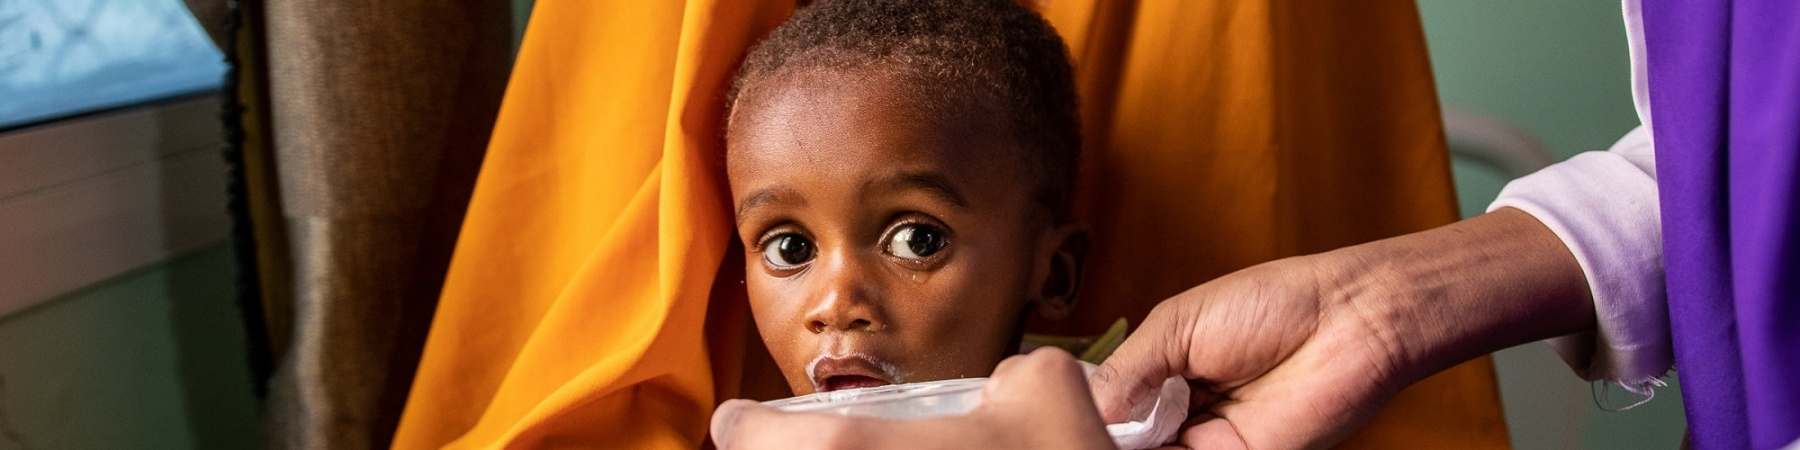 bimbo in braccio alla sua mamma mentre gli viene dato del latte da un'operatrice